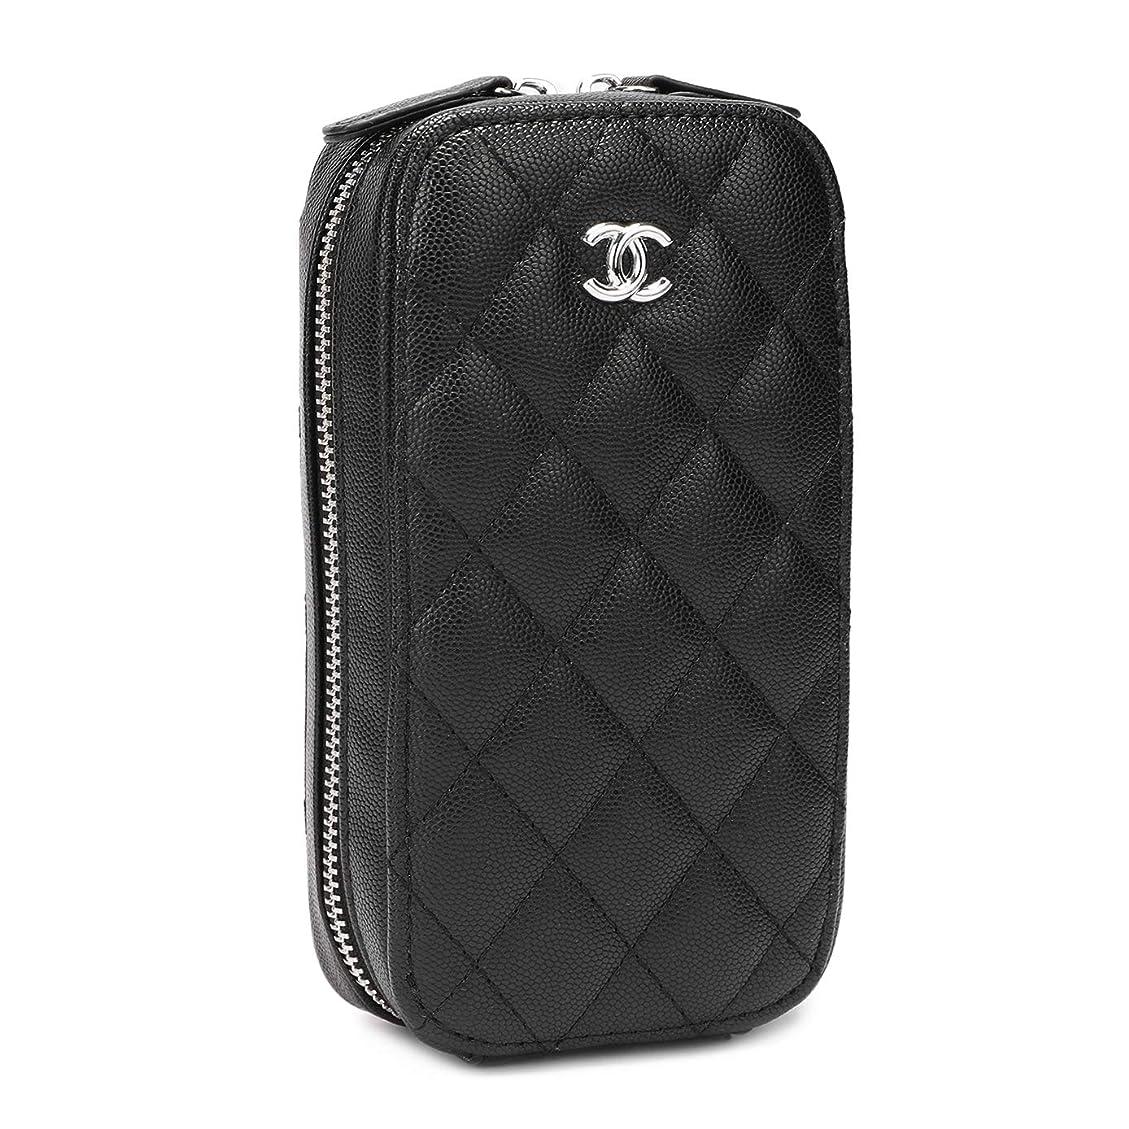 漫画泥沼スケッチ斜めかけバッグ ショルダーバッグ シンプルなデザインながら大人のコーディネートに合わせやすい コンパクトなミニバッグです 33867